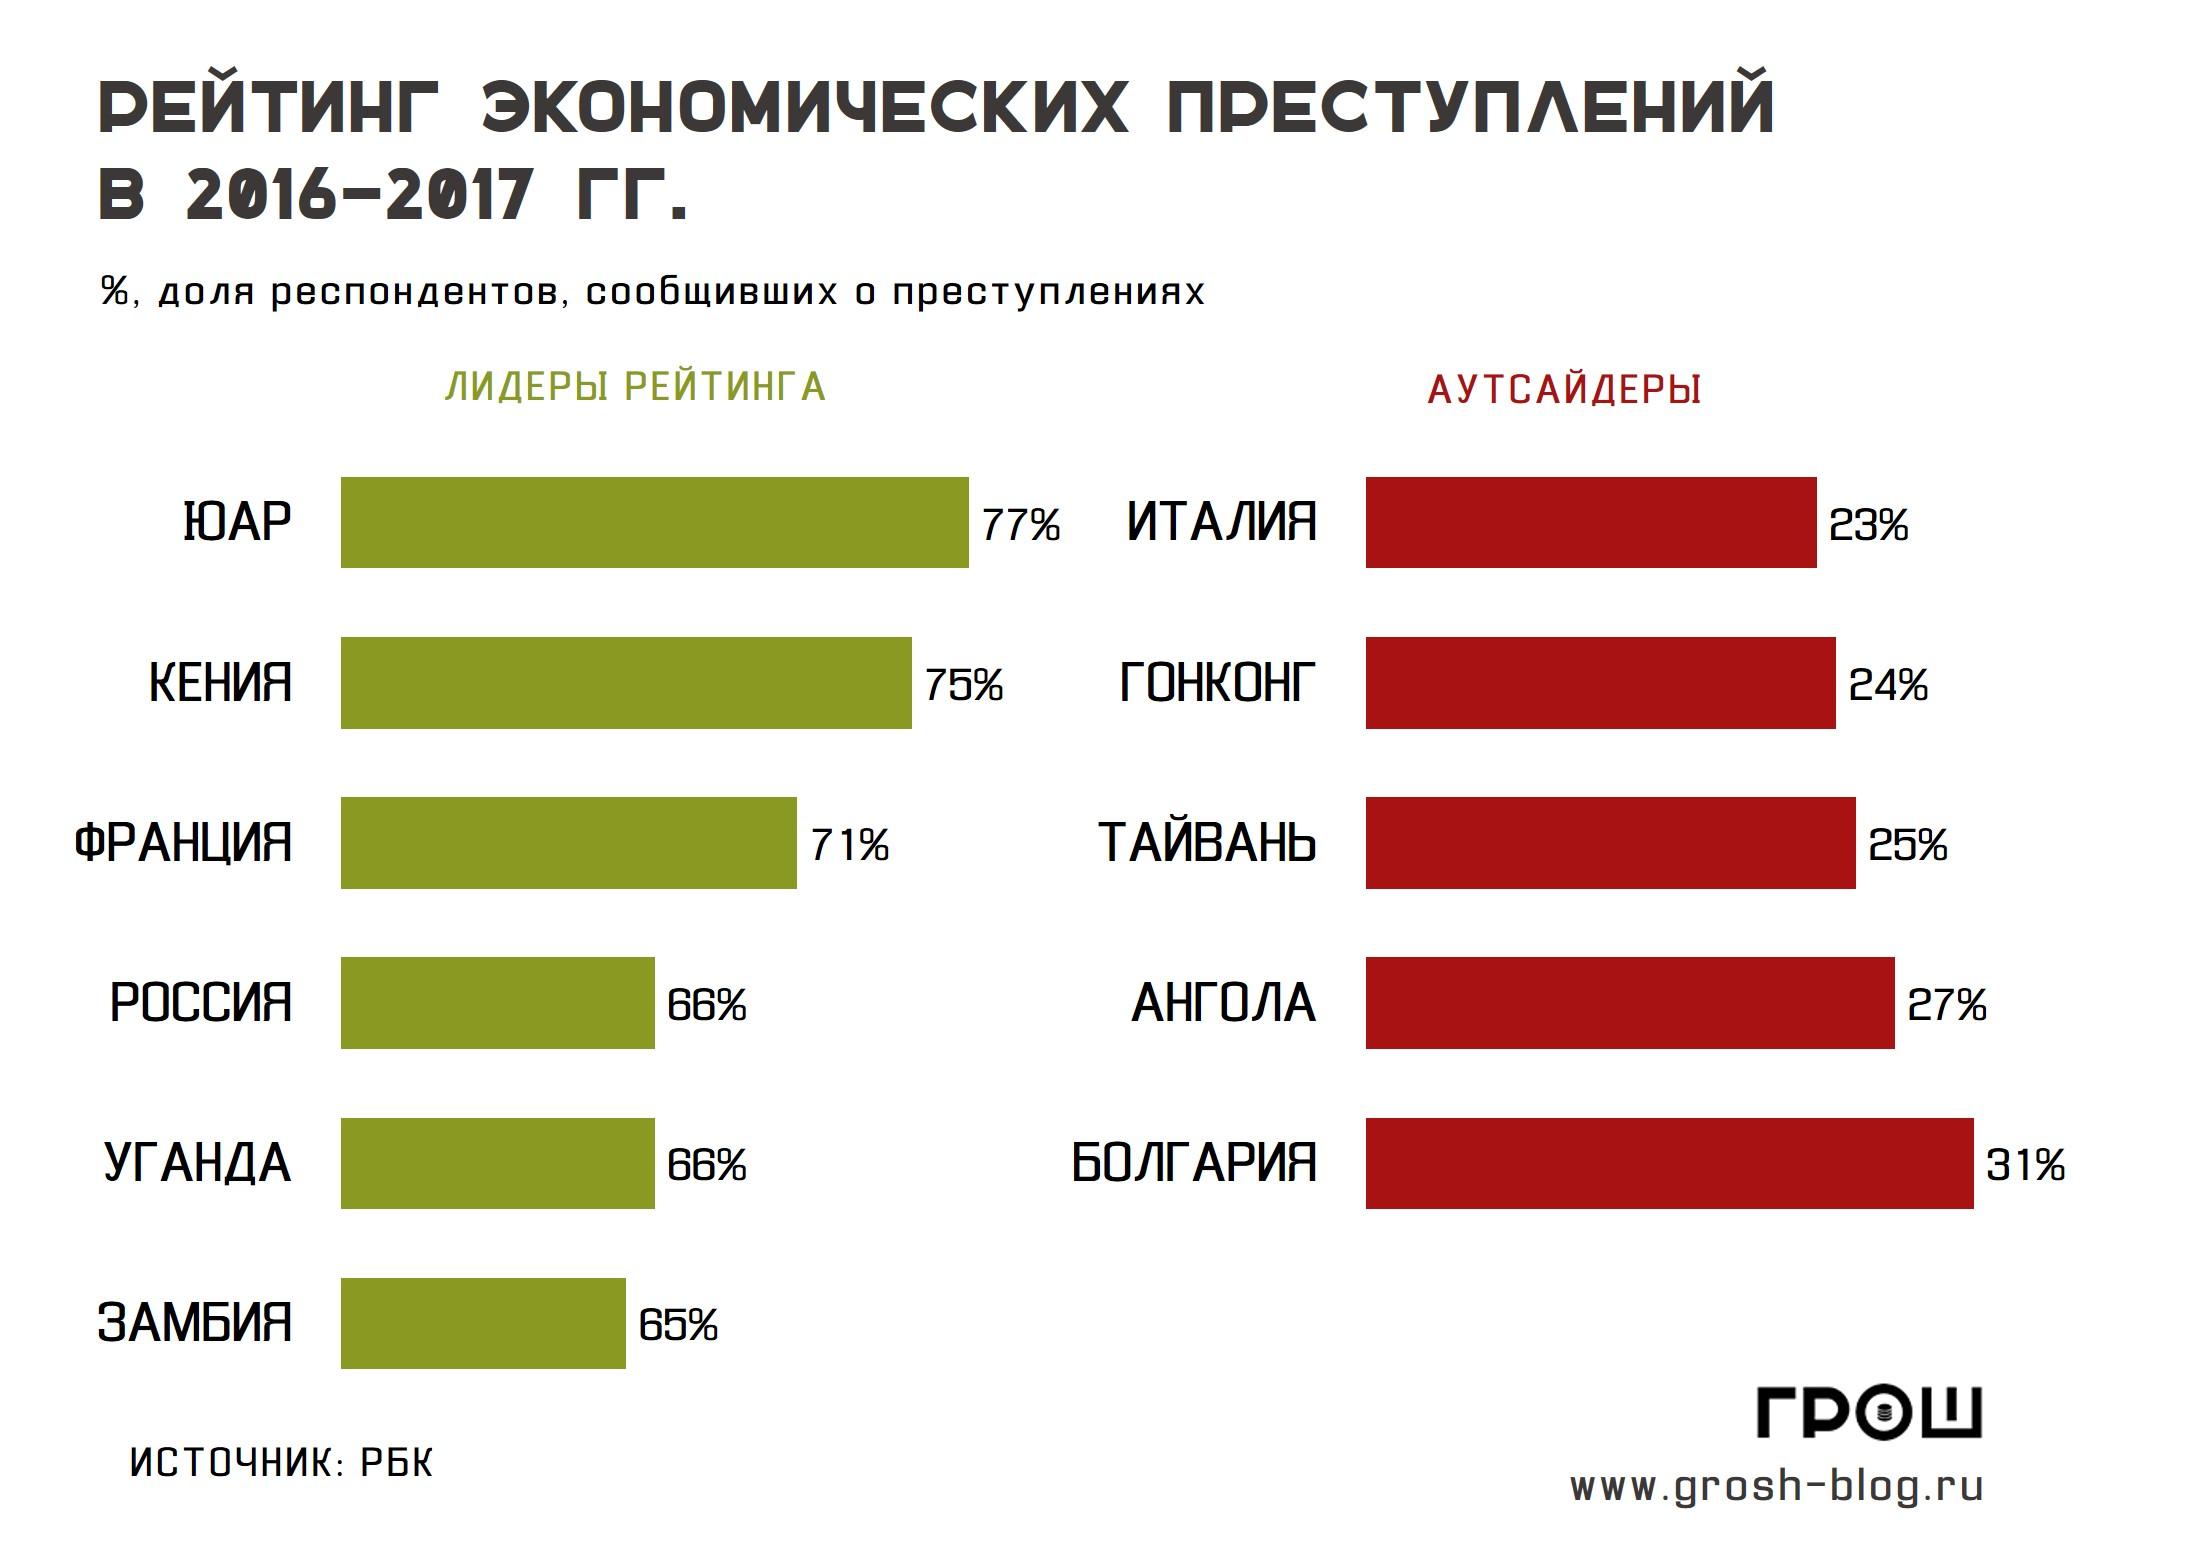 рейтинг экономических преступлений https://grosh-blog.ru